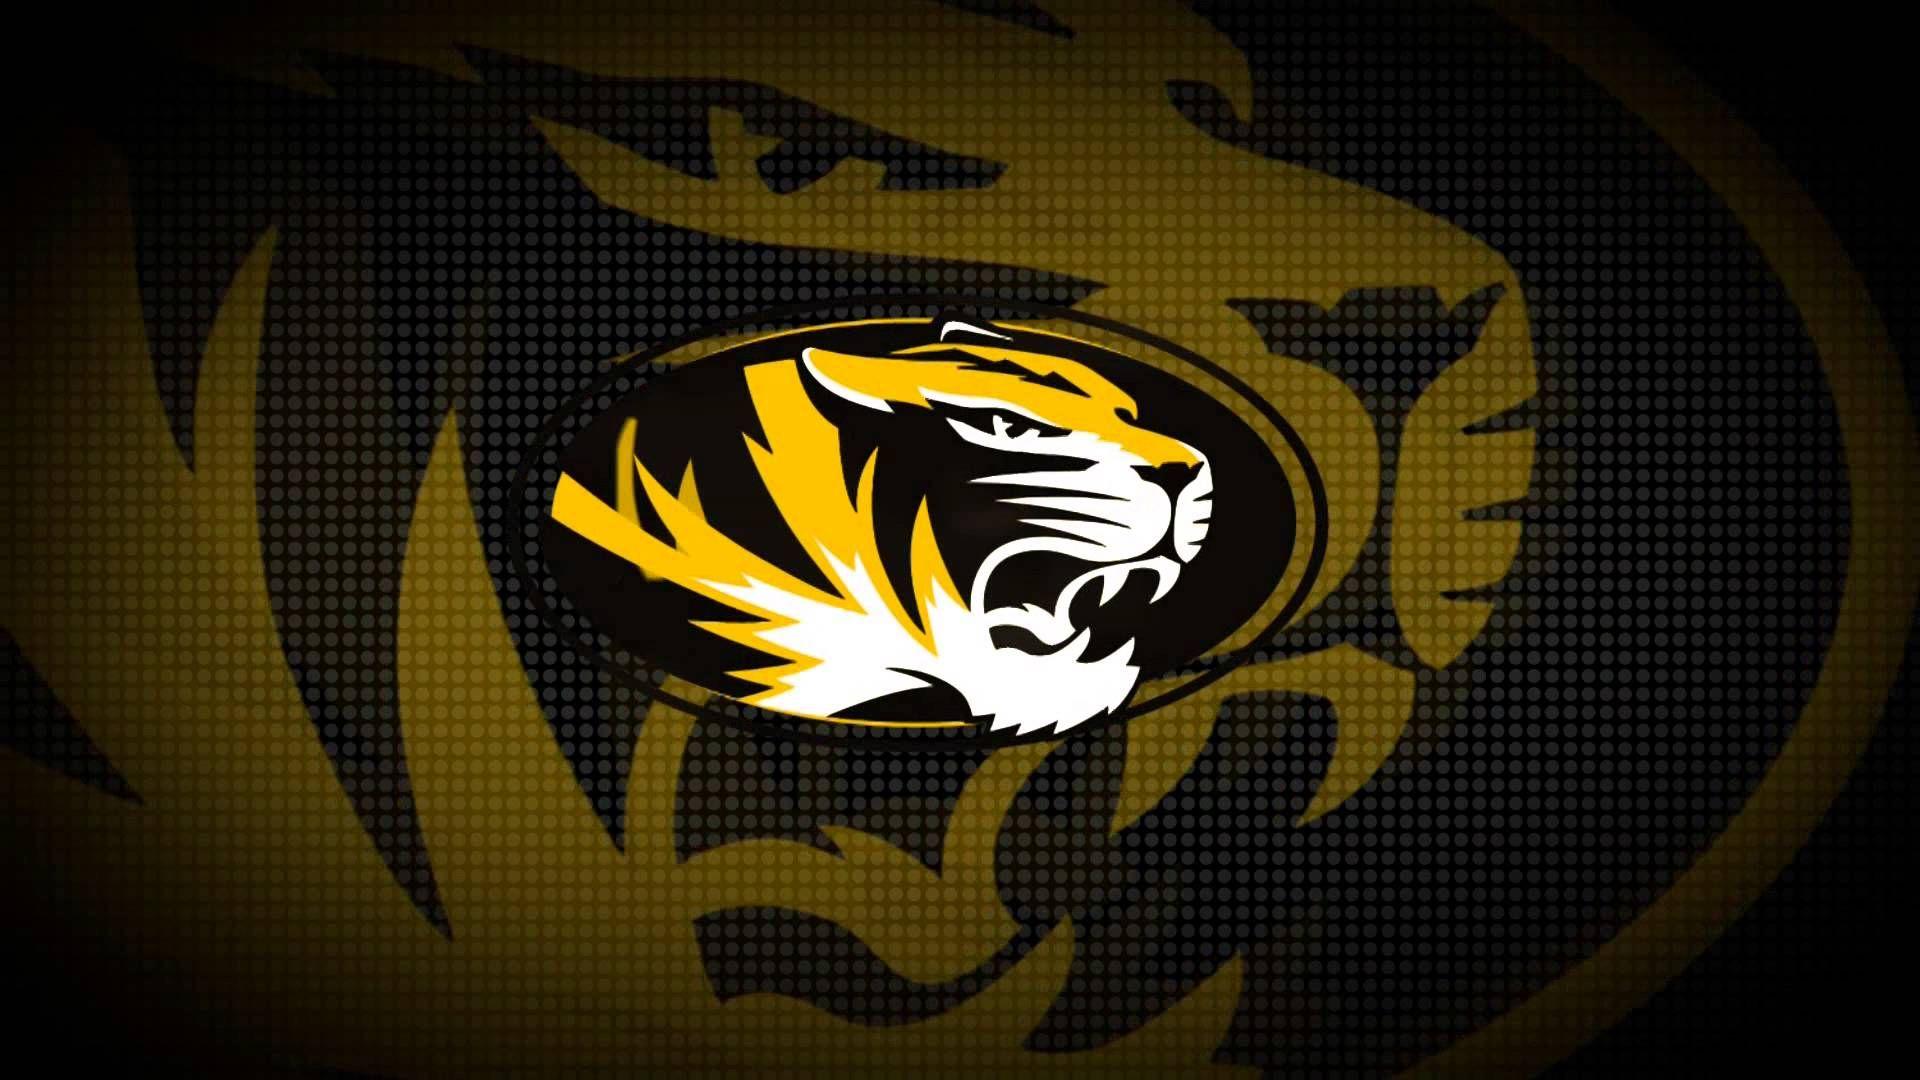 Missouri Tigers Wallpaper Wallpapersafari Missouri Tigers Iphone Wallpaper Tiger Wallpaper